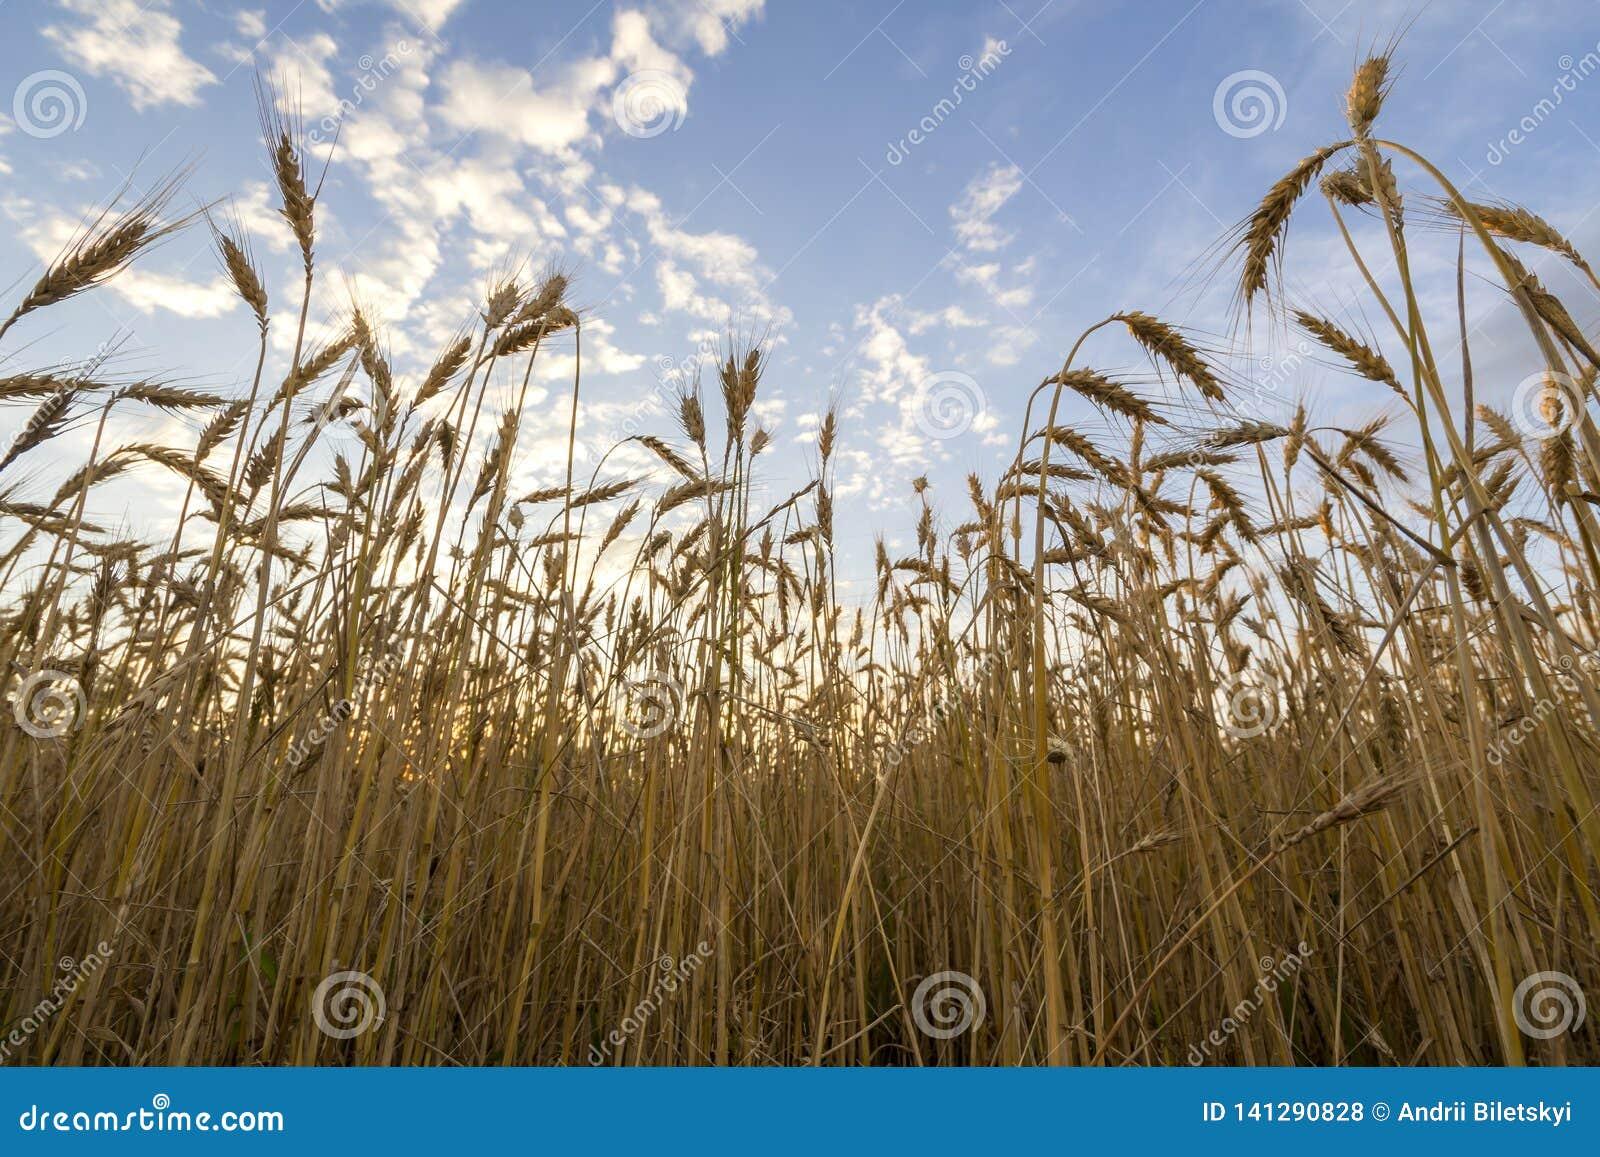 Chauffez mûr d or coloré pour moissonner le champ de blé Agriculture, agriculture et concept riche de récolte